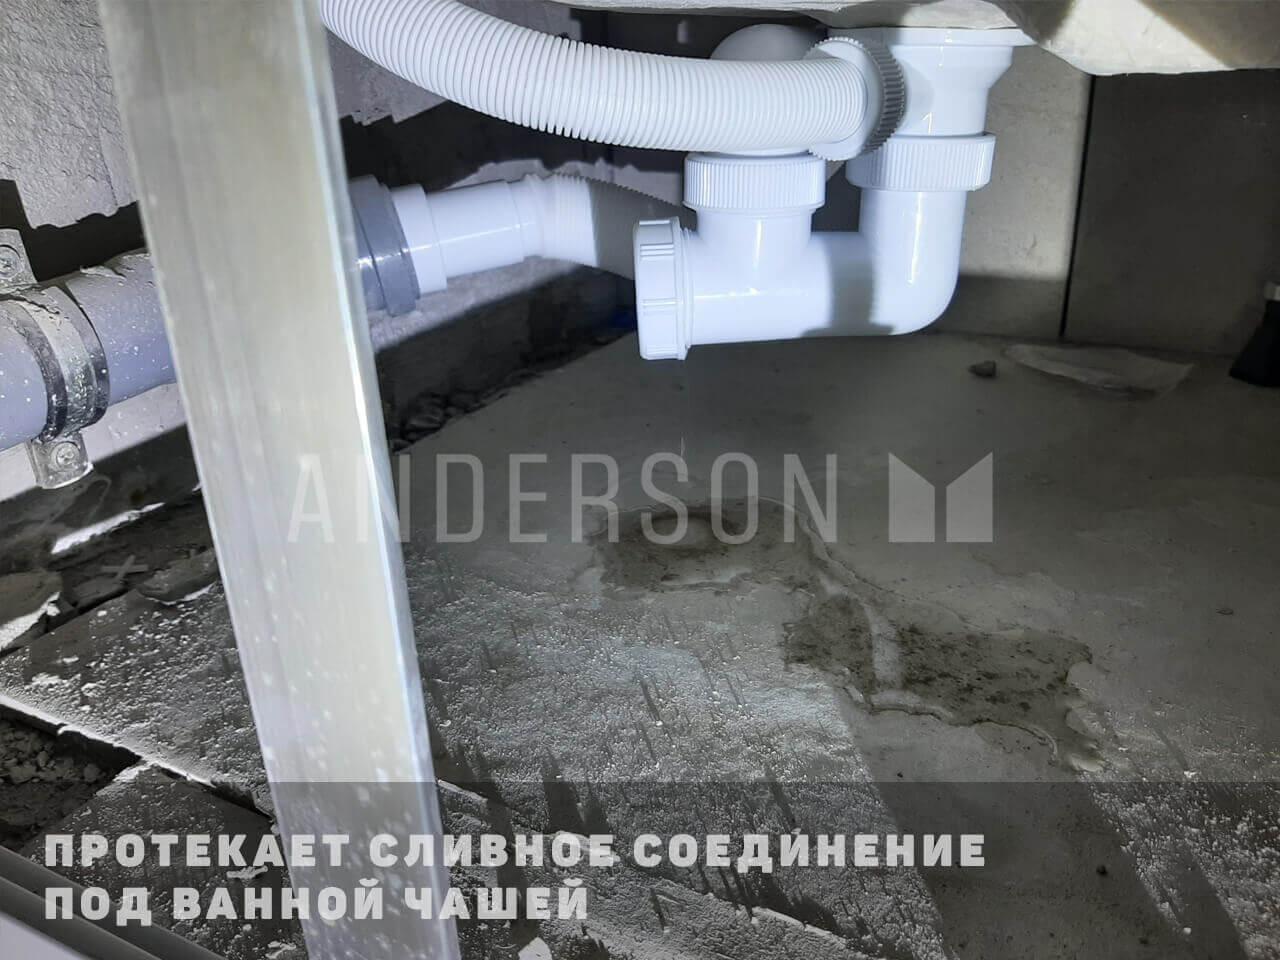 Протекает сифон ванны